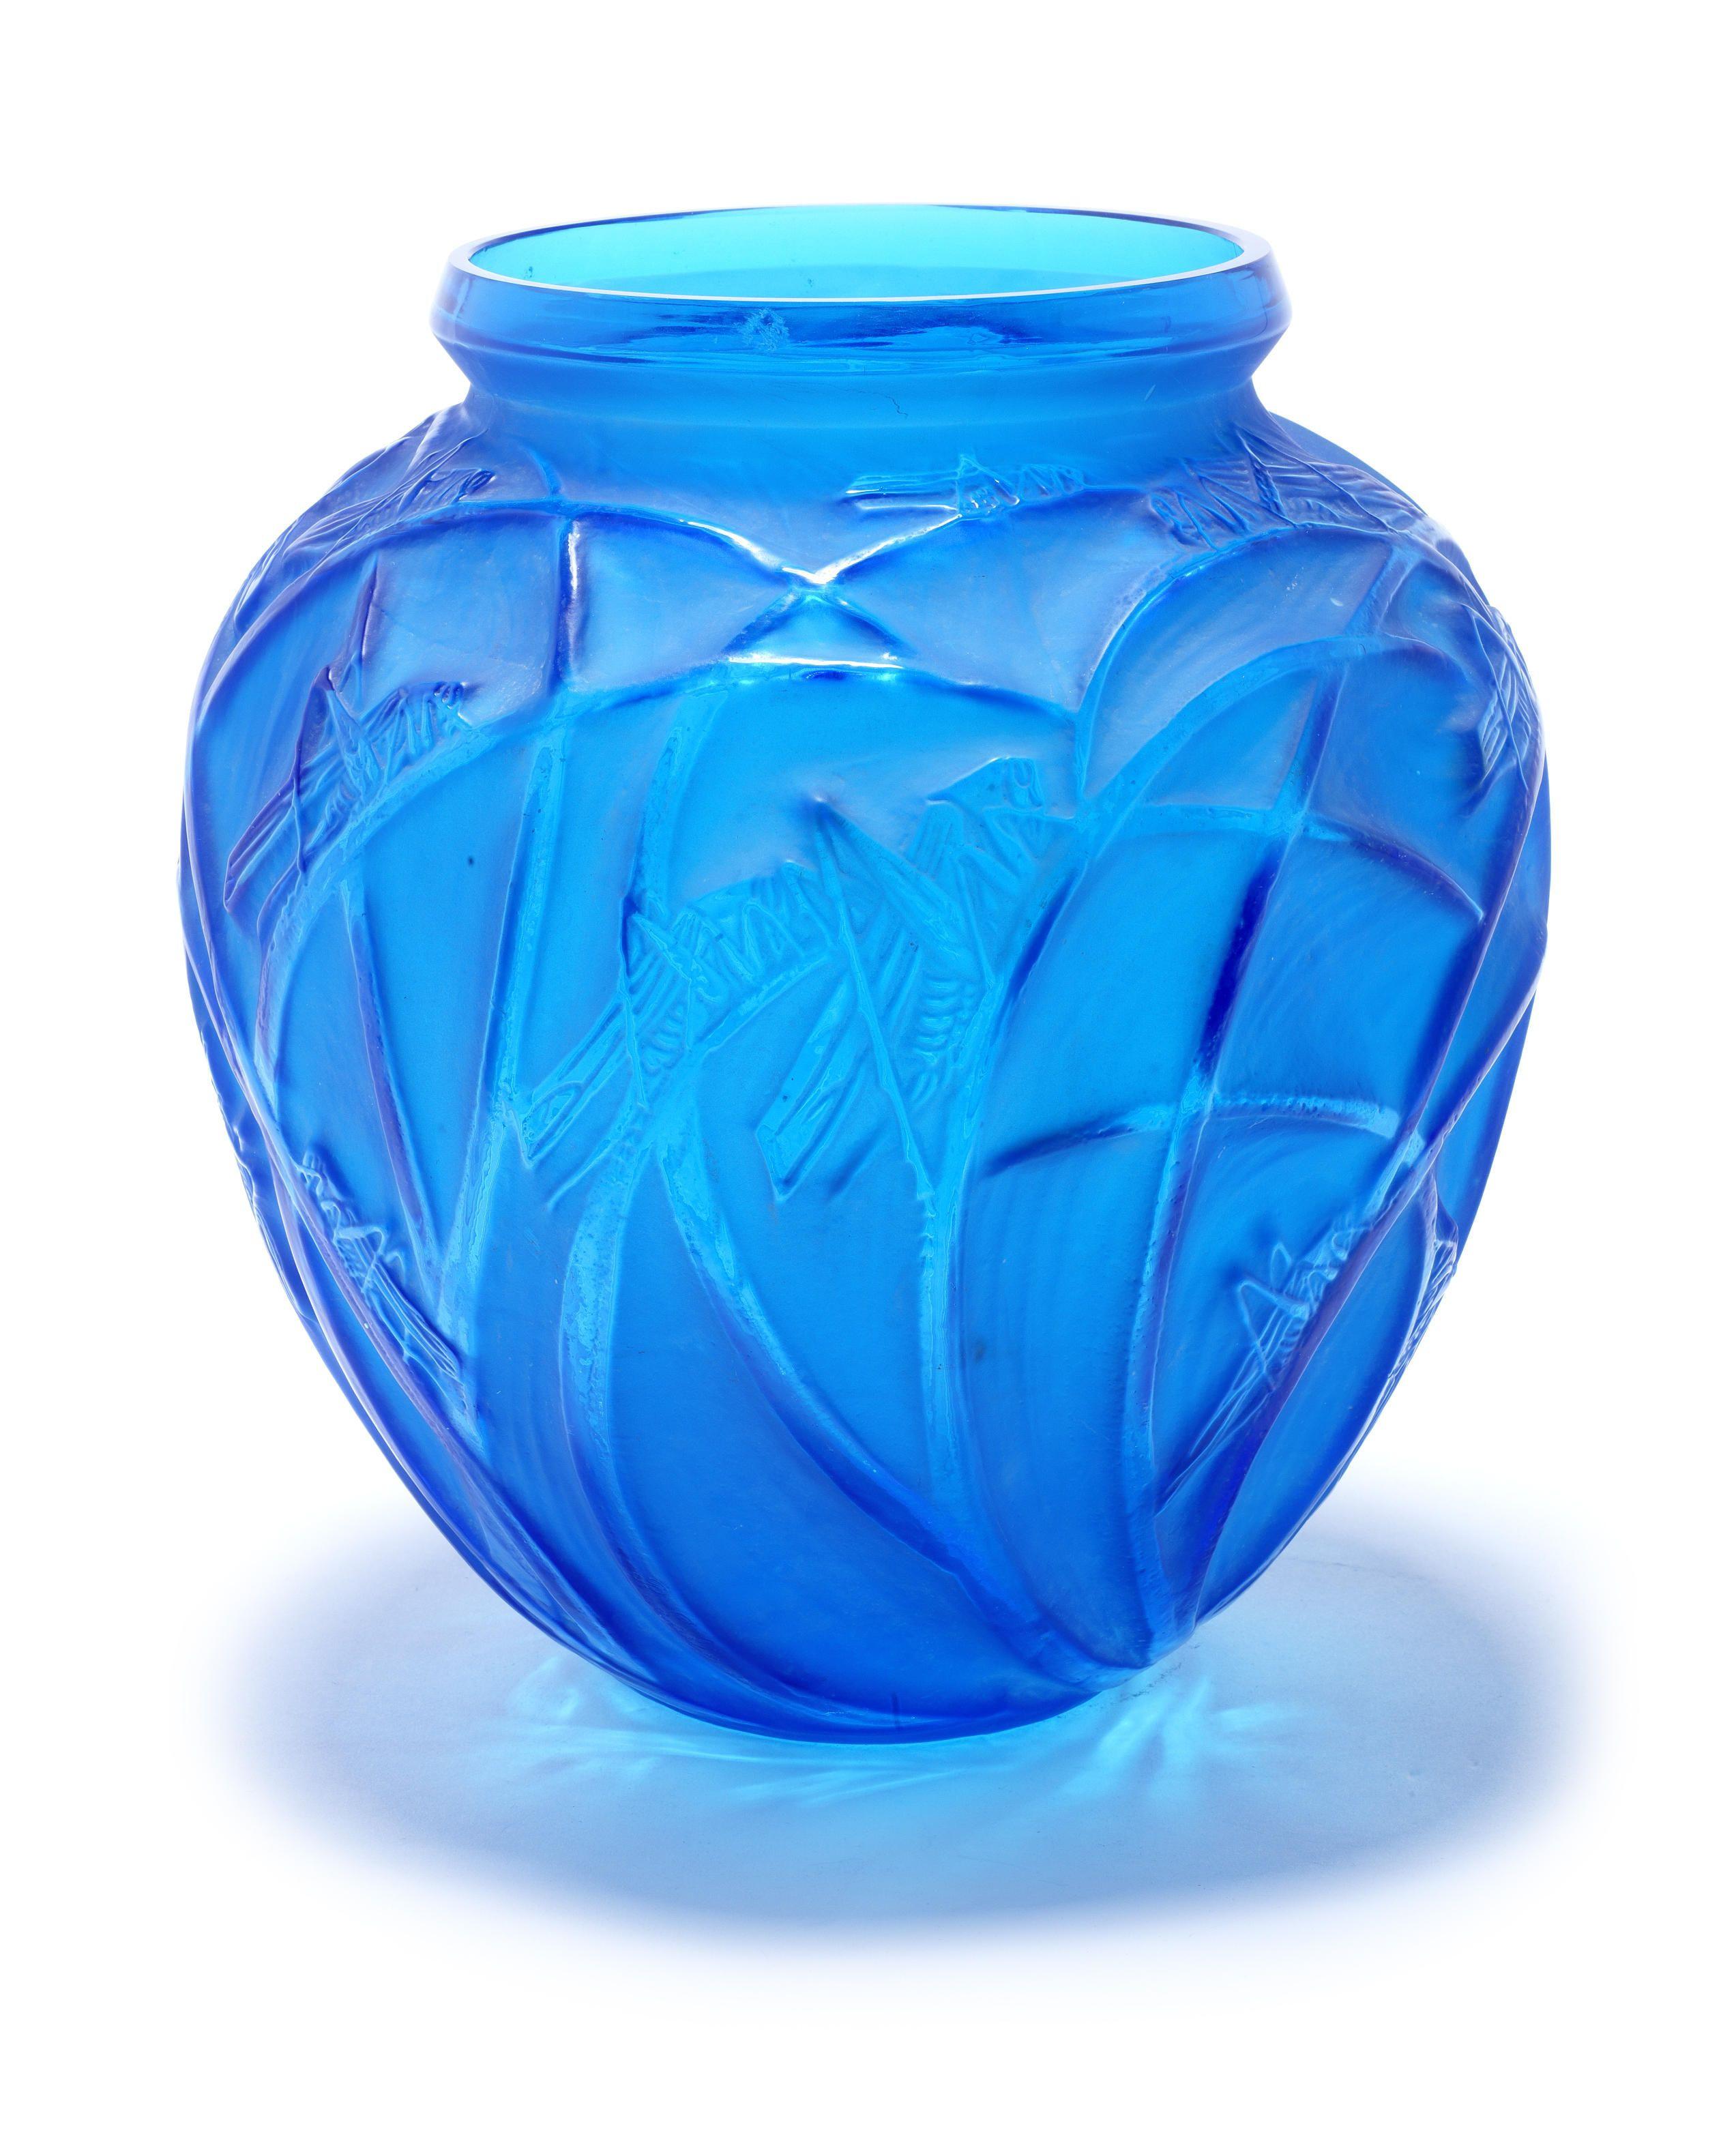 lalique glass vase of rena lalique sauterelles a vase design 1913 electric blue glass within rena lalique sauterelles a vase design 1913